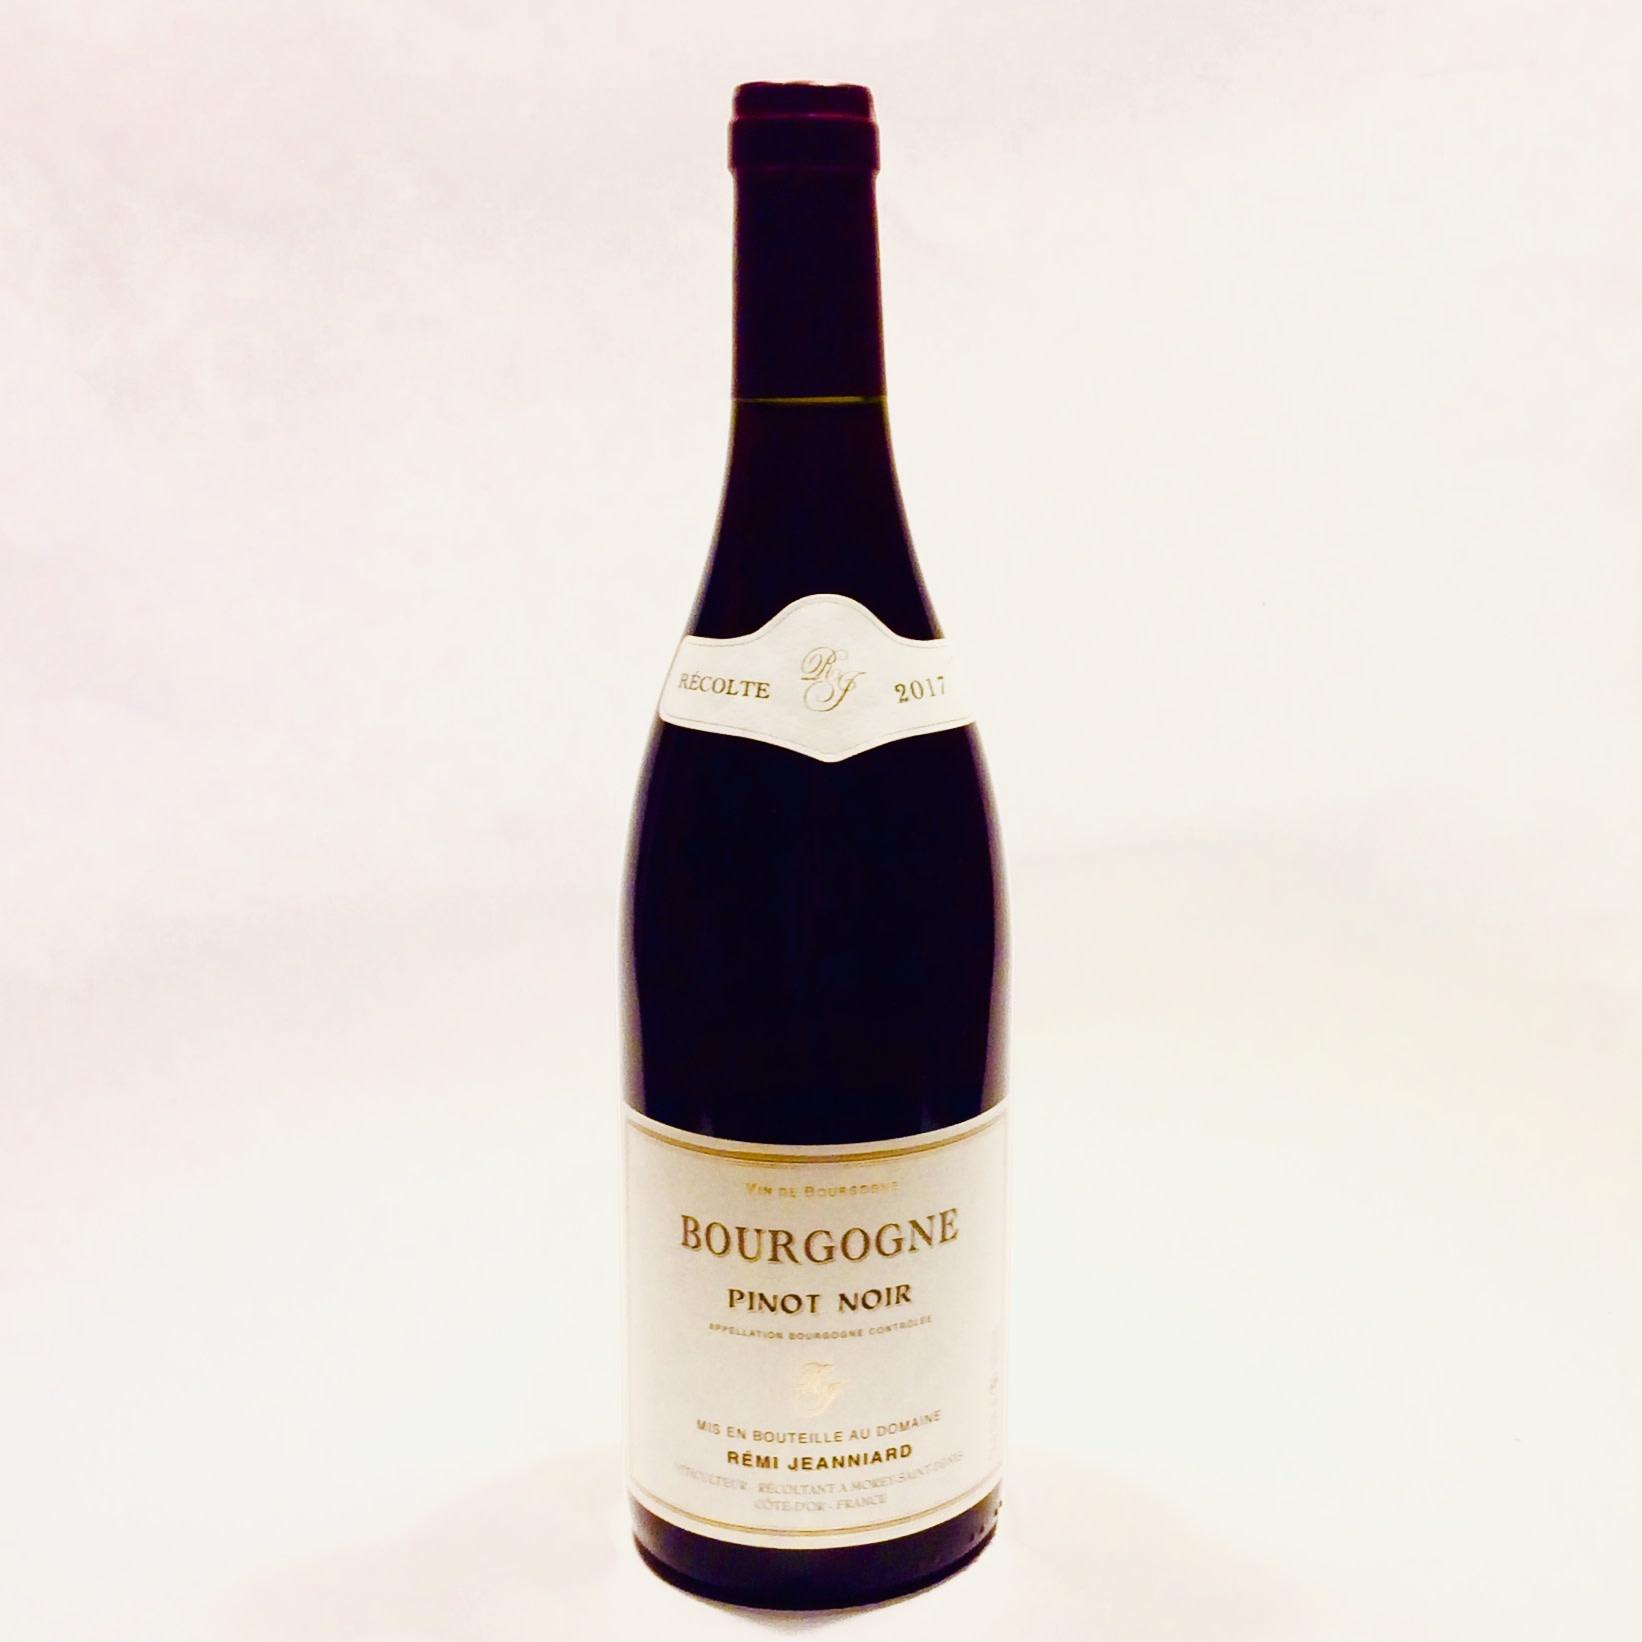 Remi Jeanniard - Bourgogne Pinot Noir 2017 (750 ml)